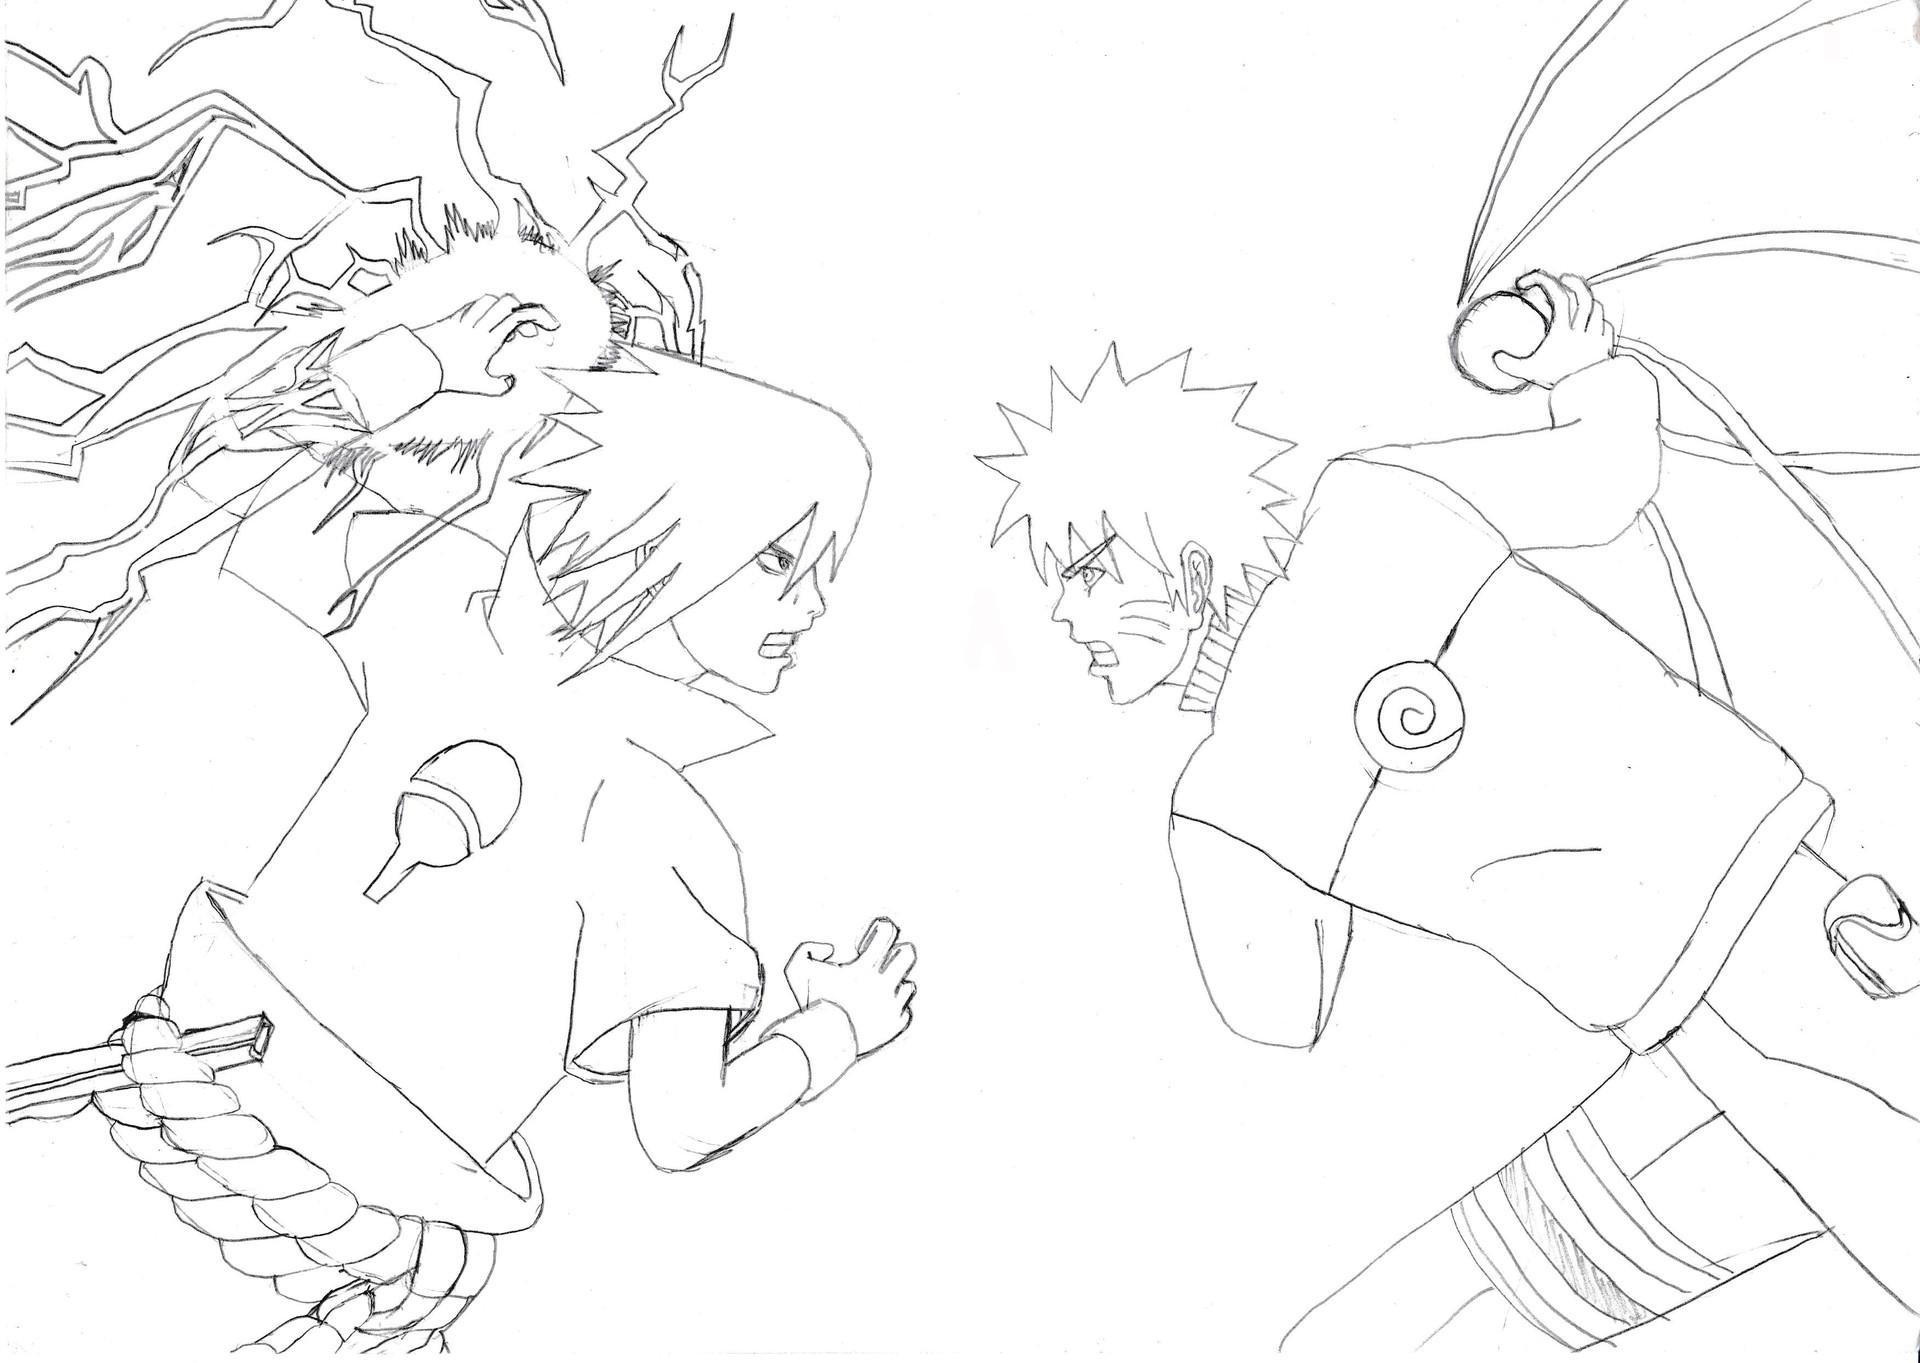 Naruto Vs Sasuke Drawing at GetDrawings | Free download